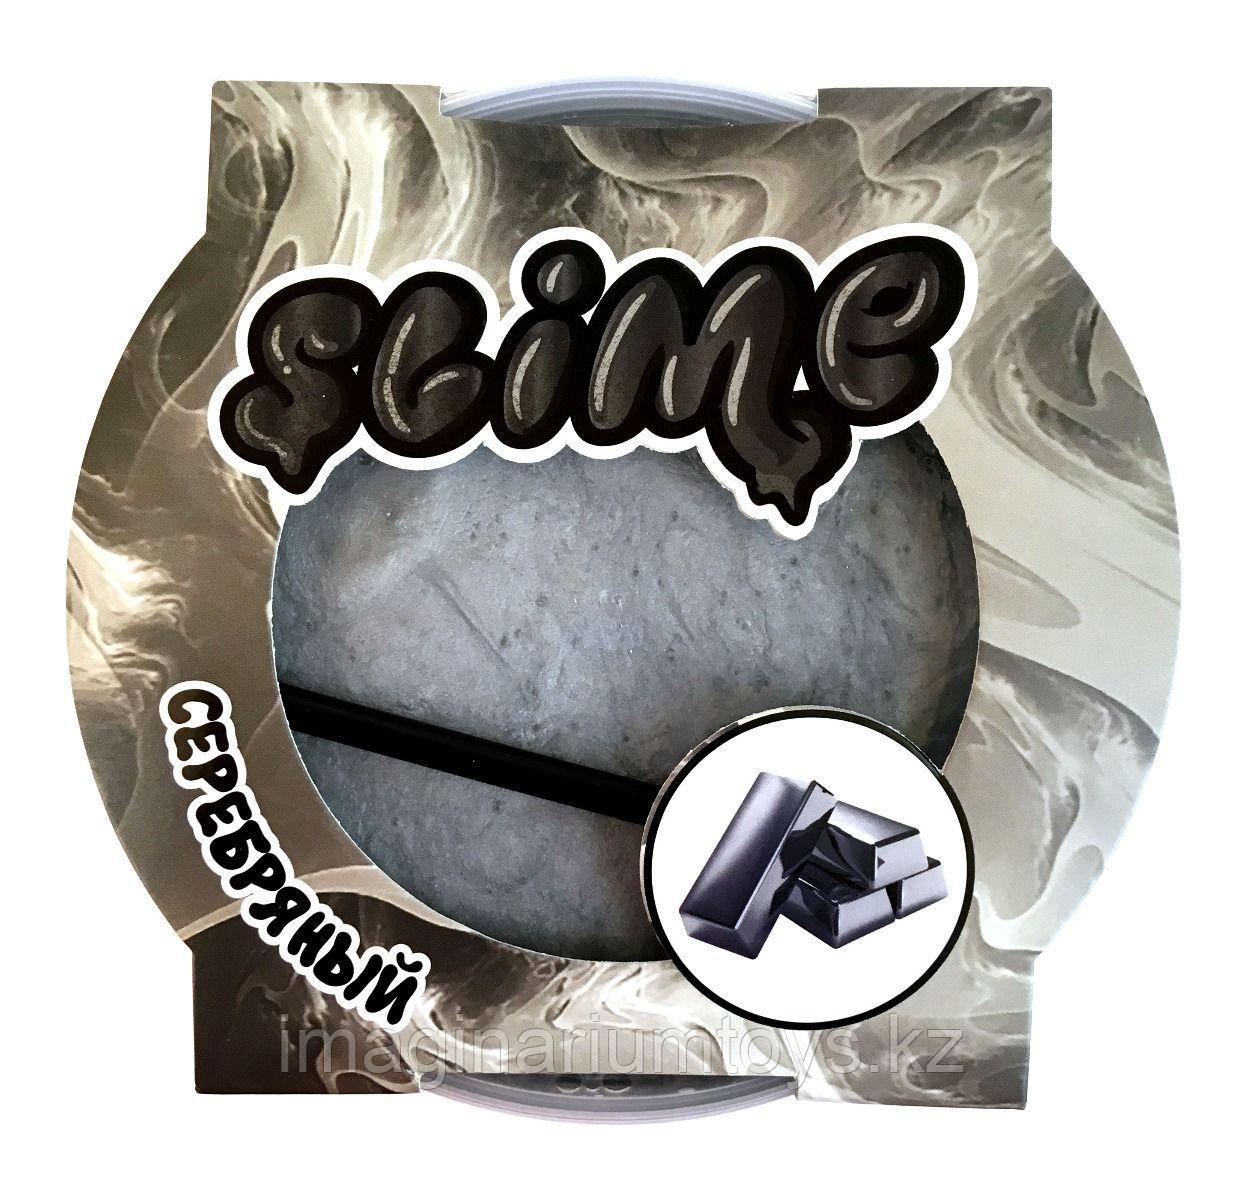 Слайм серебряный магнитный Mega Slime Ninja 300 гр